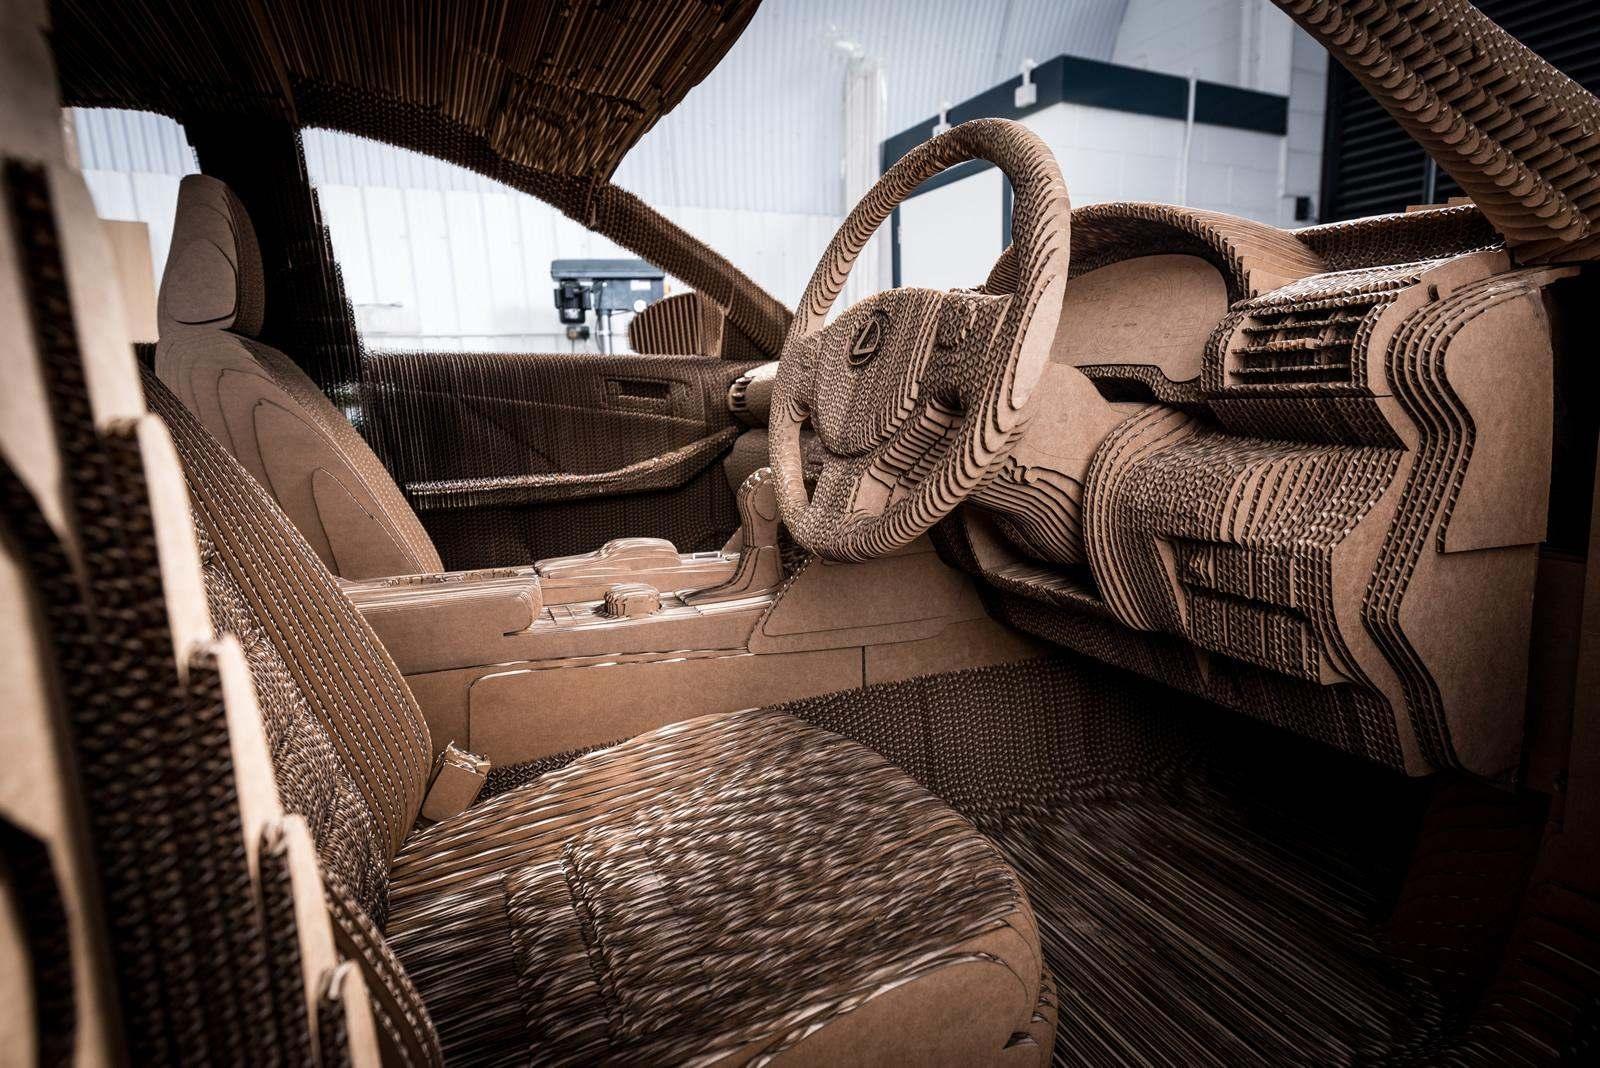 [Image: S0-Lexus-devoile-une-IS-roulante-en-carton-363735.jpg]